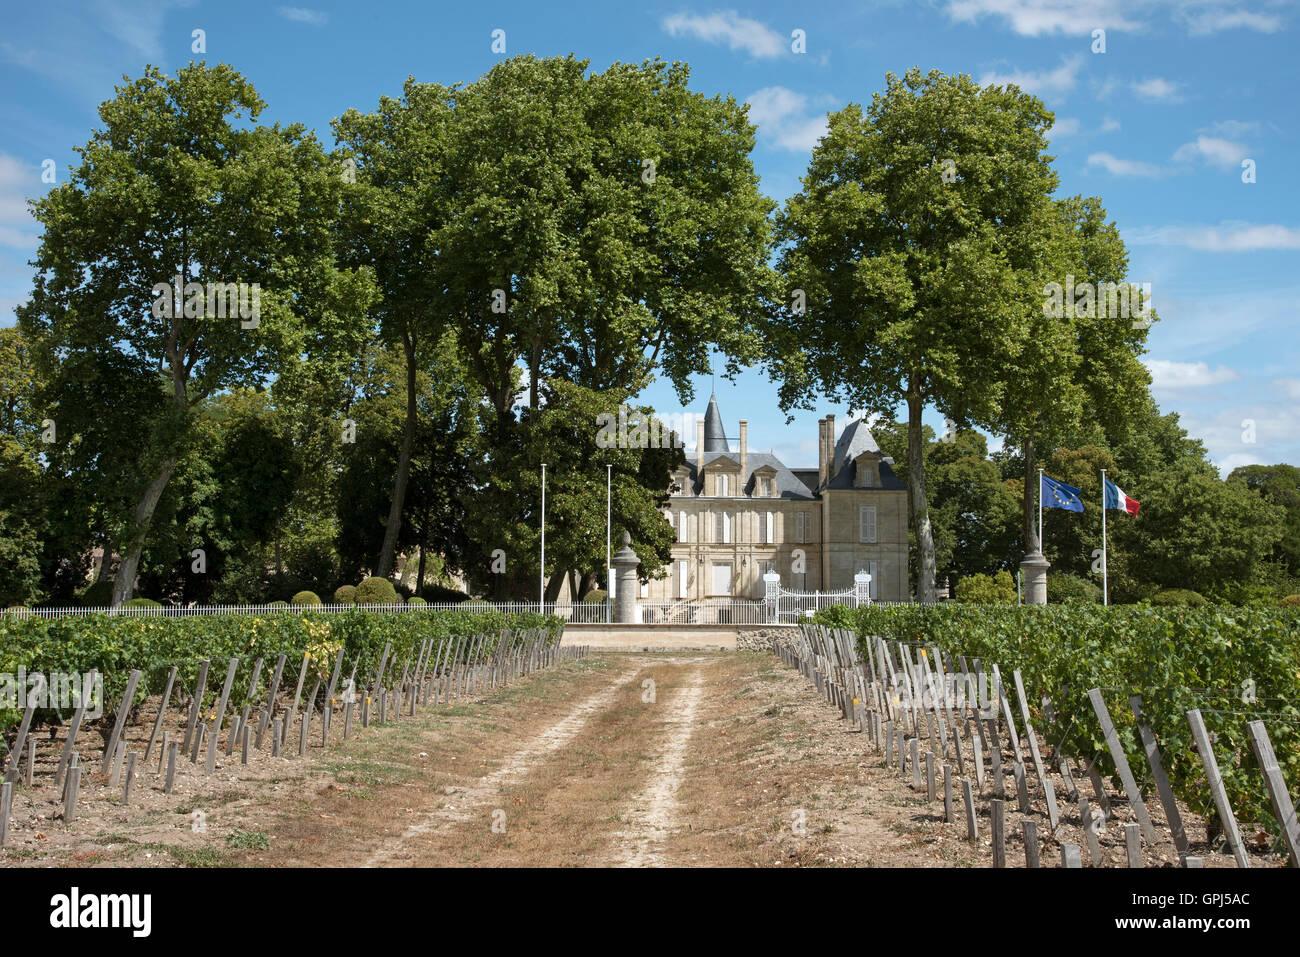 Château Pichon Lalande Stock Photos & Château Pichon Lalande